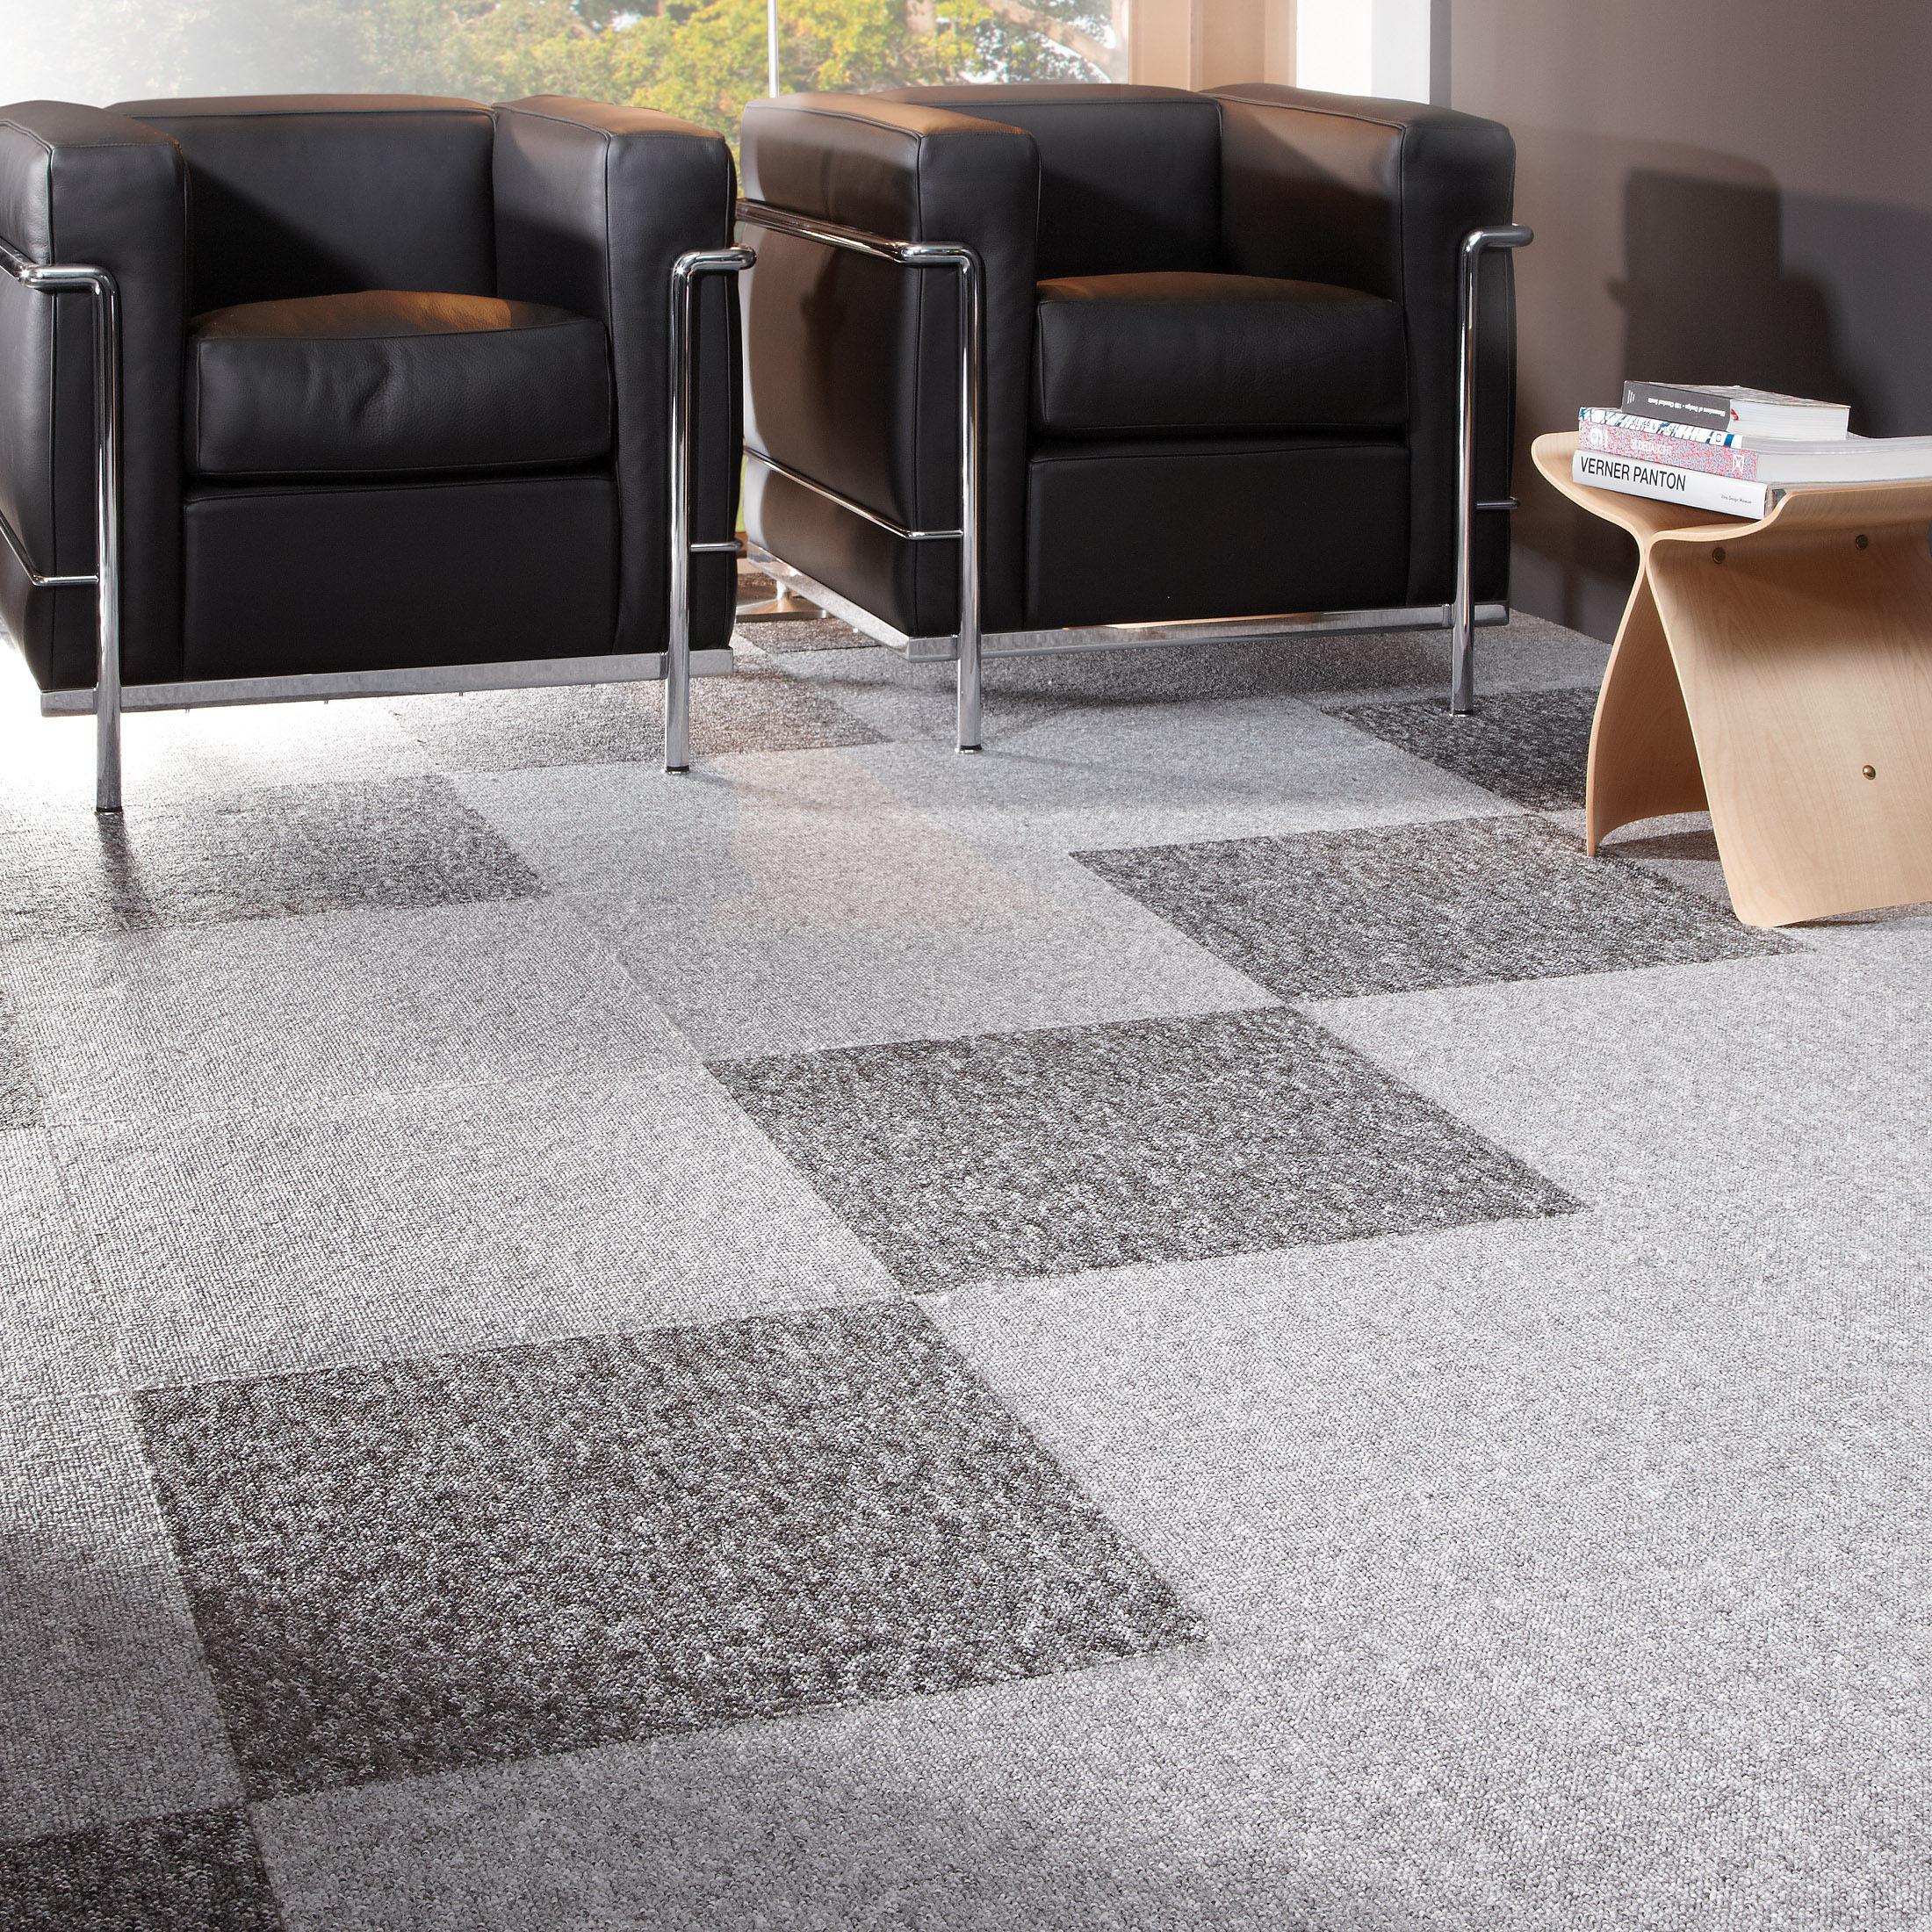 Teppichboden Fliesen von Kibek London in Grau 50 x 50 cm